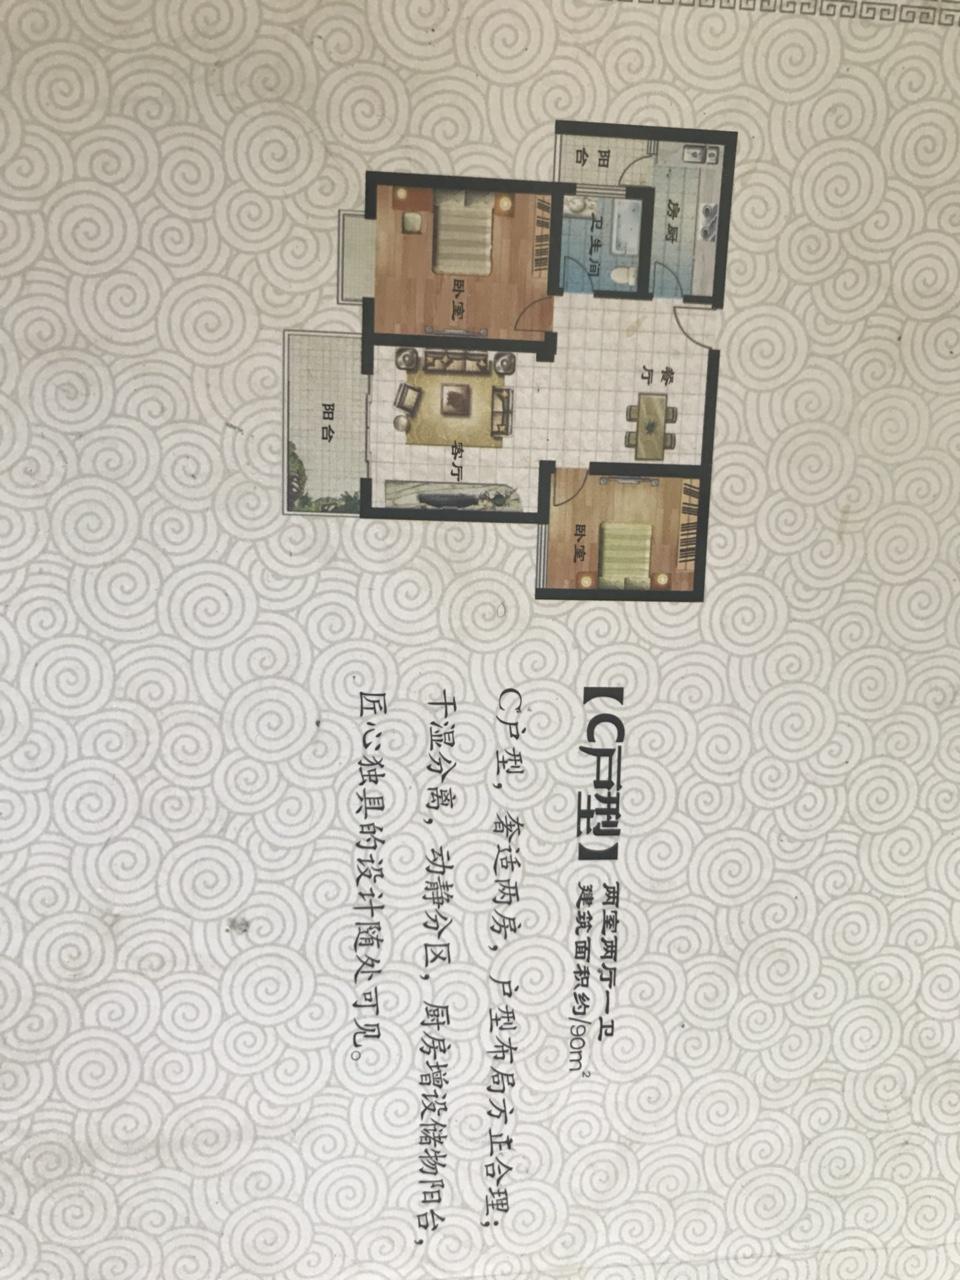 中华坊2室 2厅 1卫首付16万左右买一楼带院现房